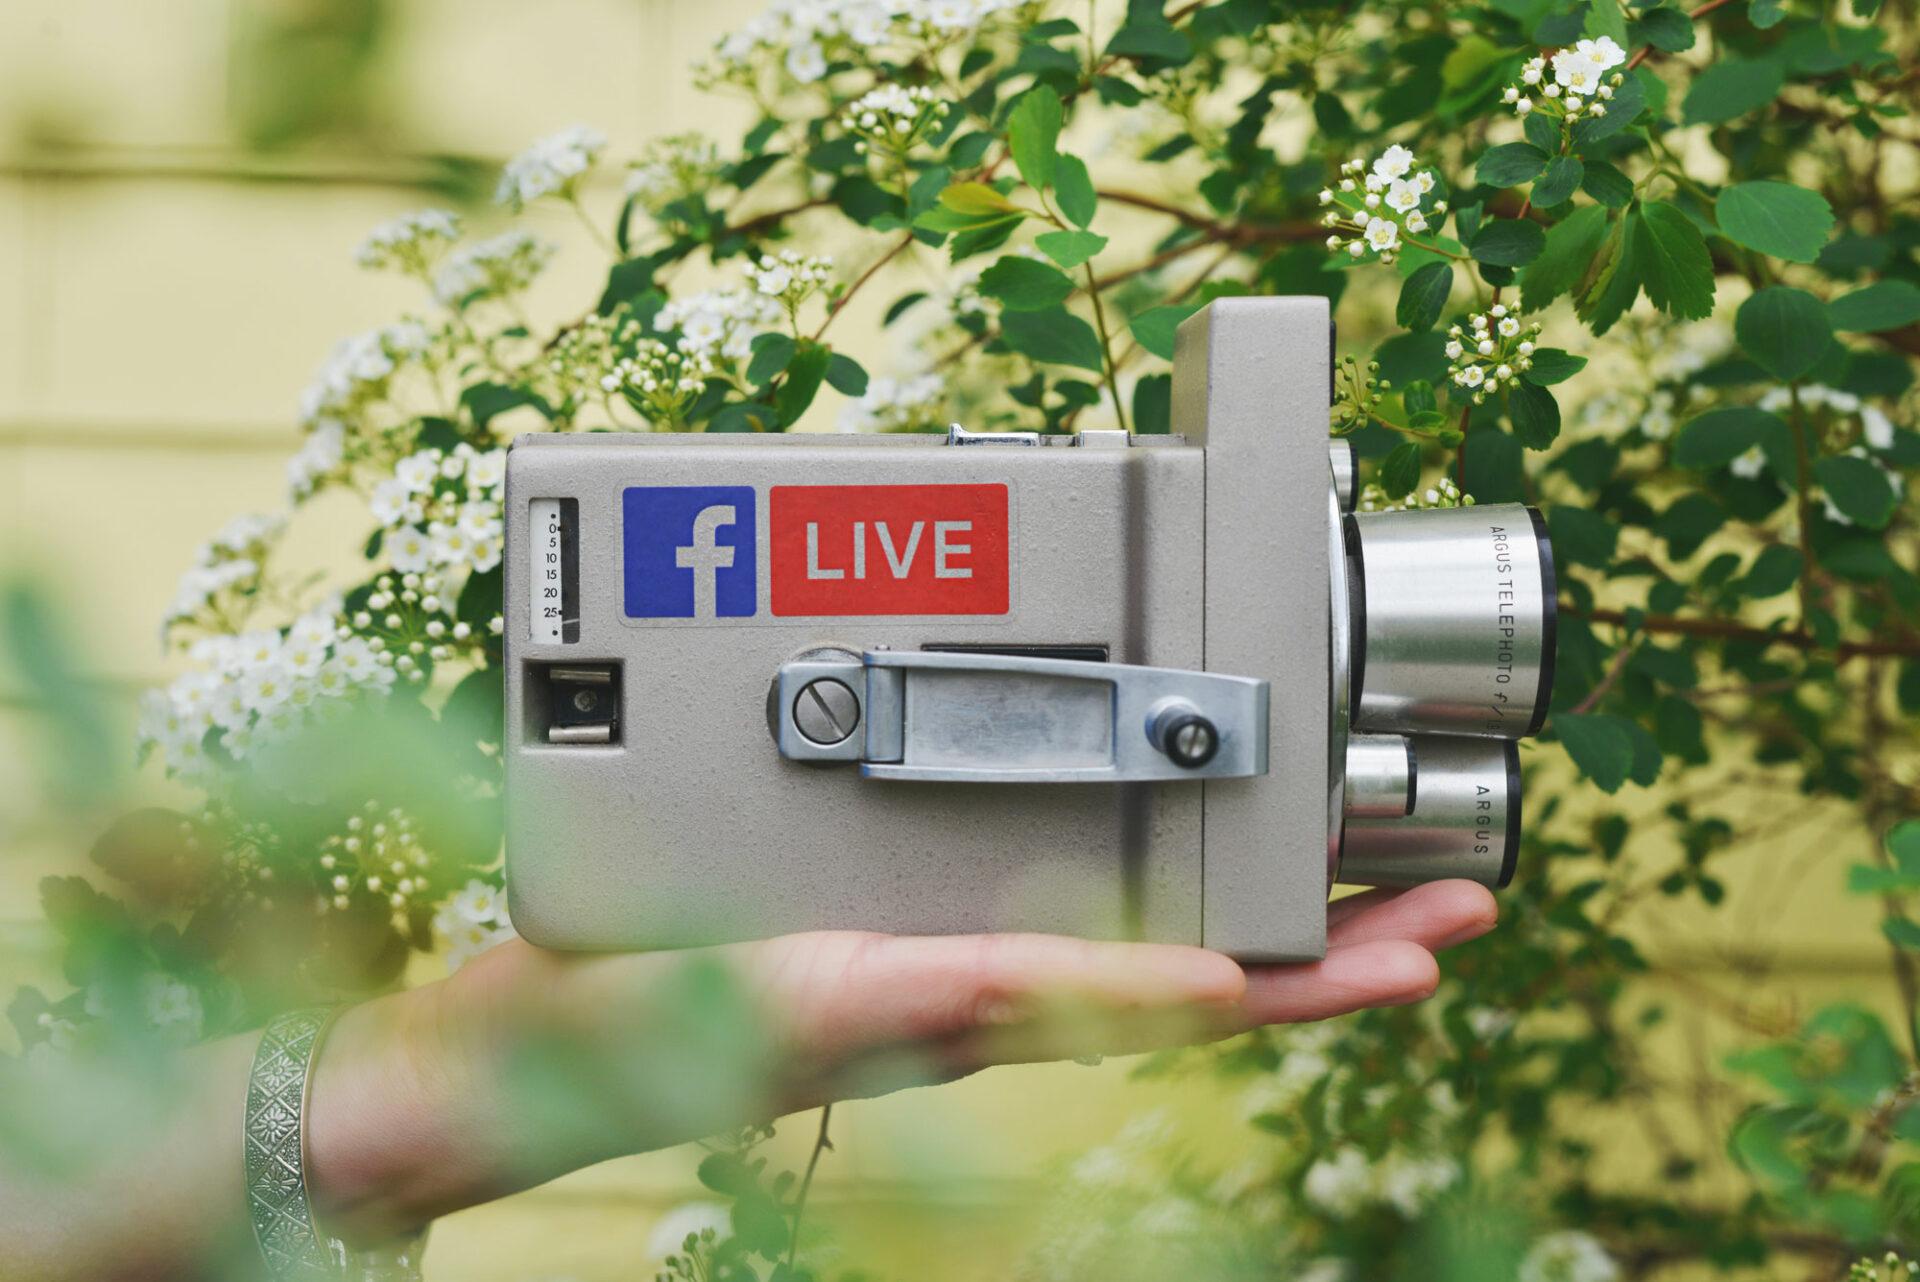 Änderungen im Newsfeed: Live-Video wird noch wichtiger